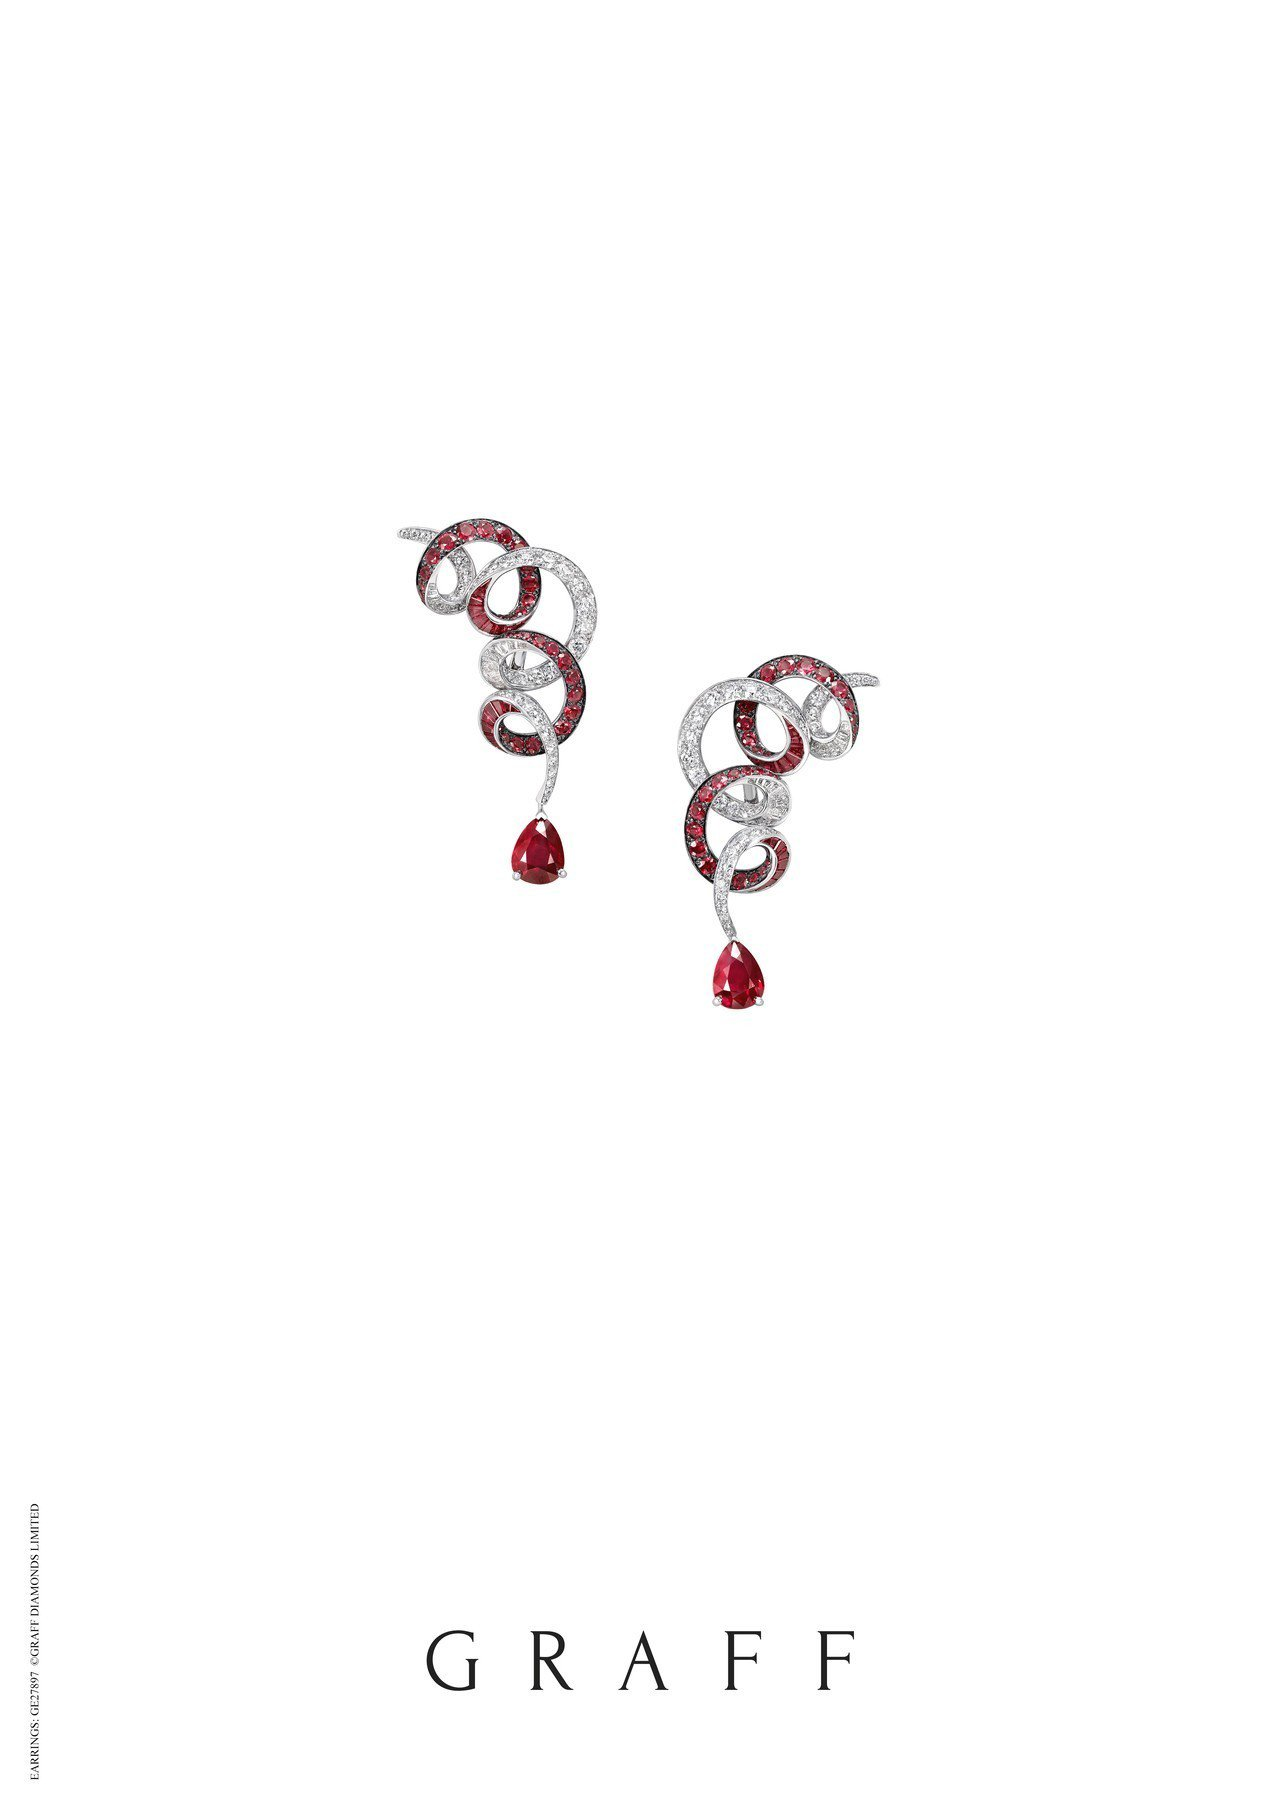 格拉夫多形切割紅寶石和鑽石耳環,鑲嵌紅寶石共11.92克拉,鑽石共4.27克拉,...